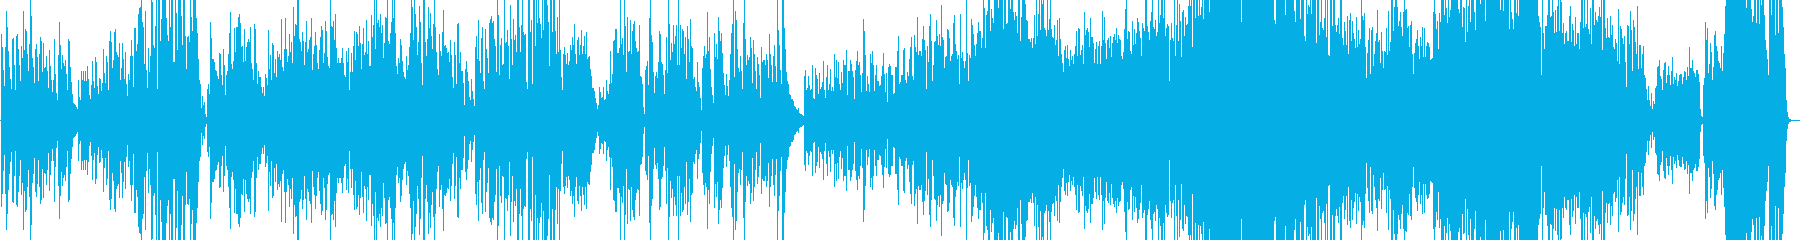 クラシックピアノ曲。複雑で洗練され...の再生済みの波形